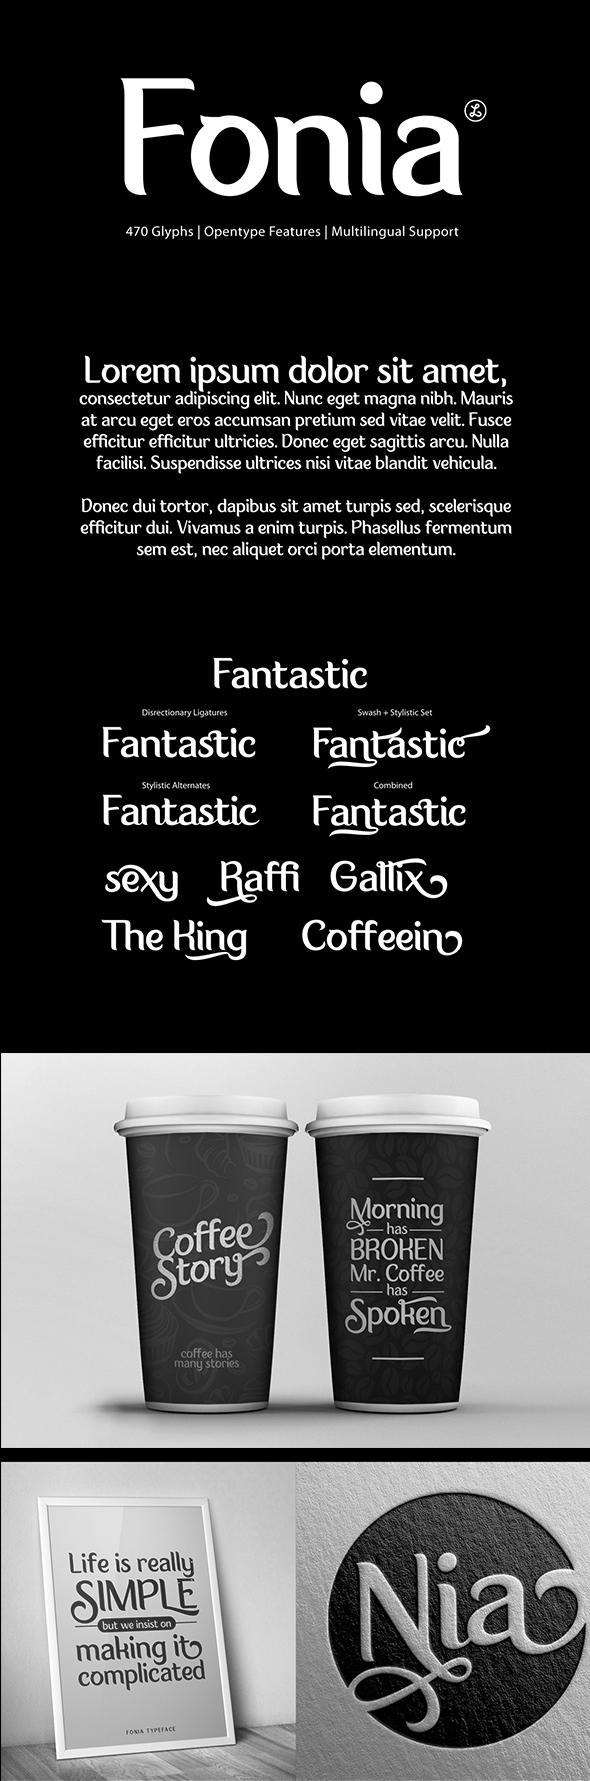 Fonia - Miscellaneous Sans-Serif